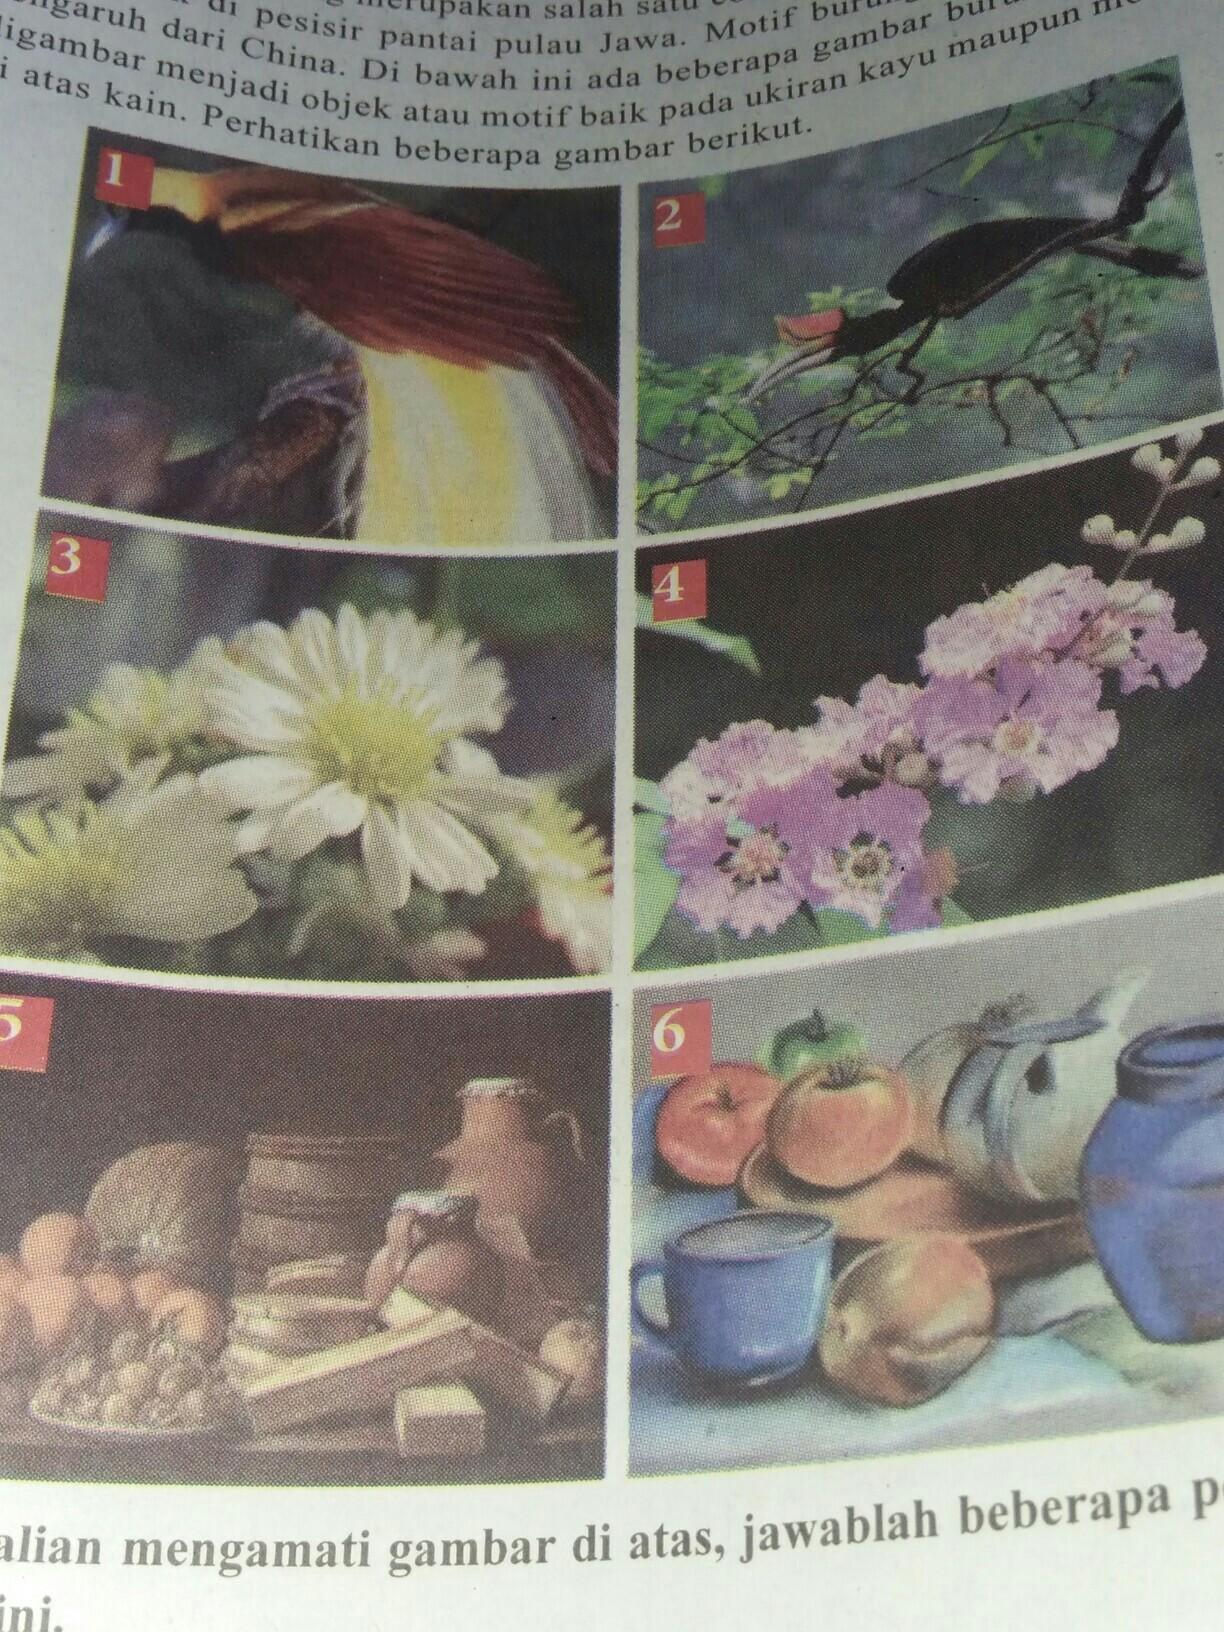 77+ Gambar Hewan Tumbuhan Dan Alam Benda Gratis Terbaru